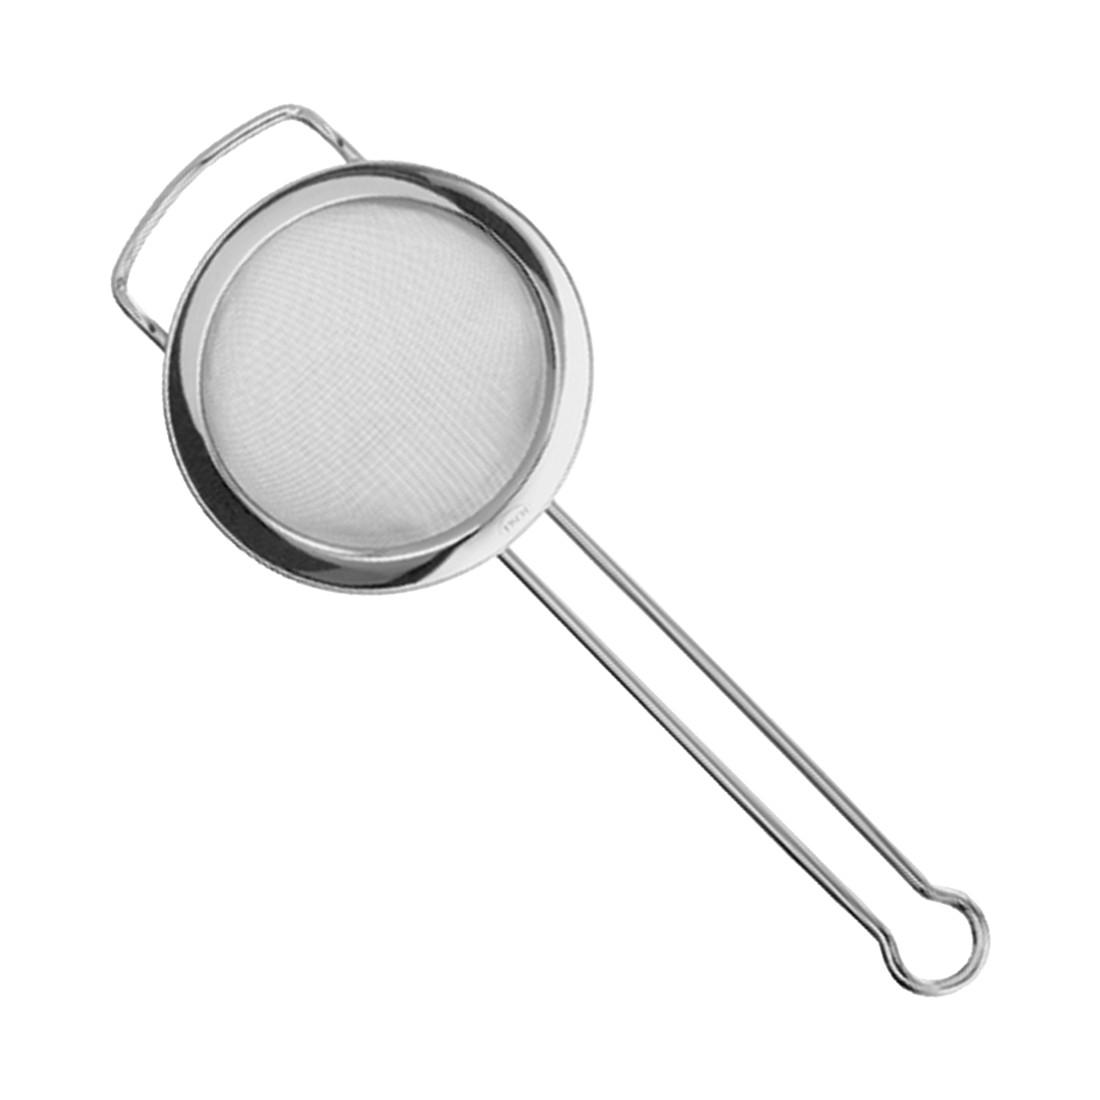 Küchensieb feinmaschig – Edelstahl Silber – 12 cm, Rösle günstig bestellen